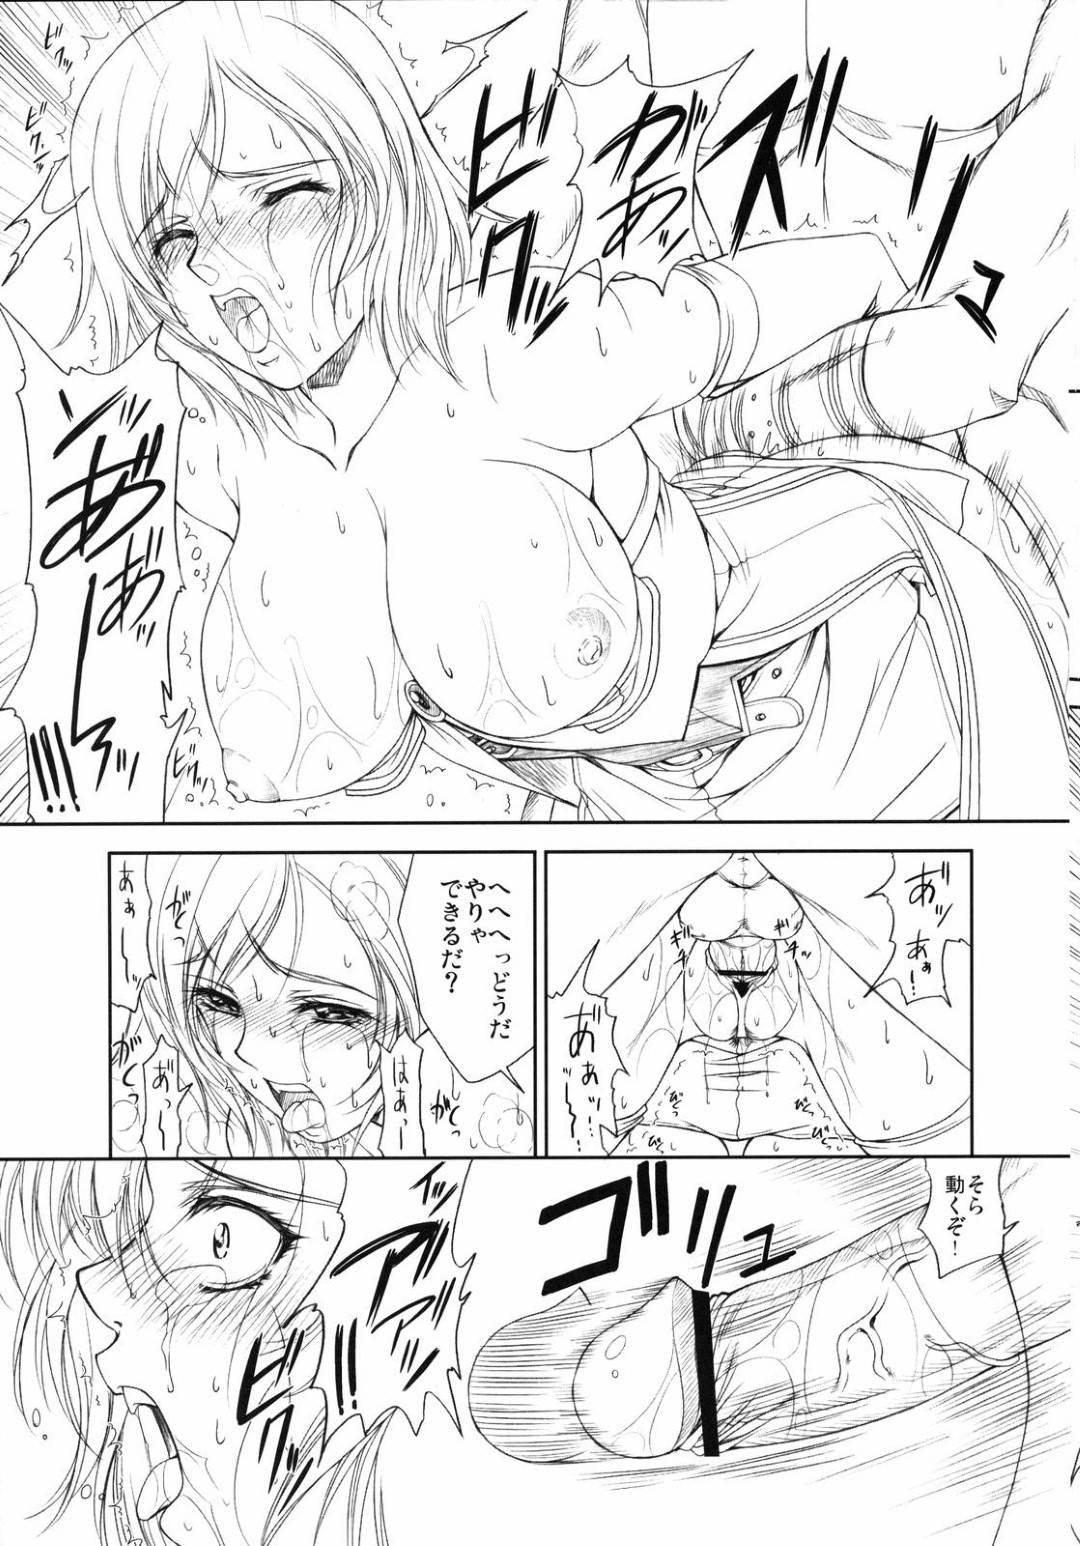 【エロ同人誌】鬼畜な兵士たちに拉致されて無理やり襲われたアマリア。クンニでイッたあと交代で激しく輪姦され、連続中出し集団陵辱レイプで大量種付け絶頂堕ち【Final Fantasy XII/C71】